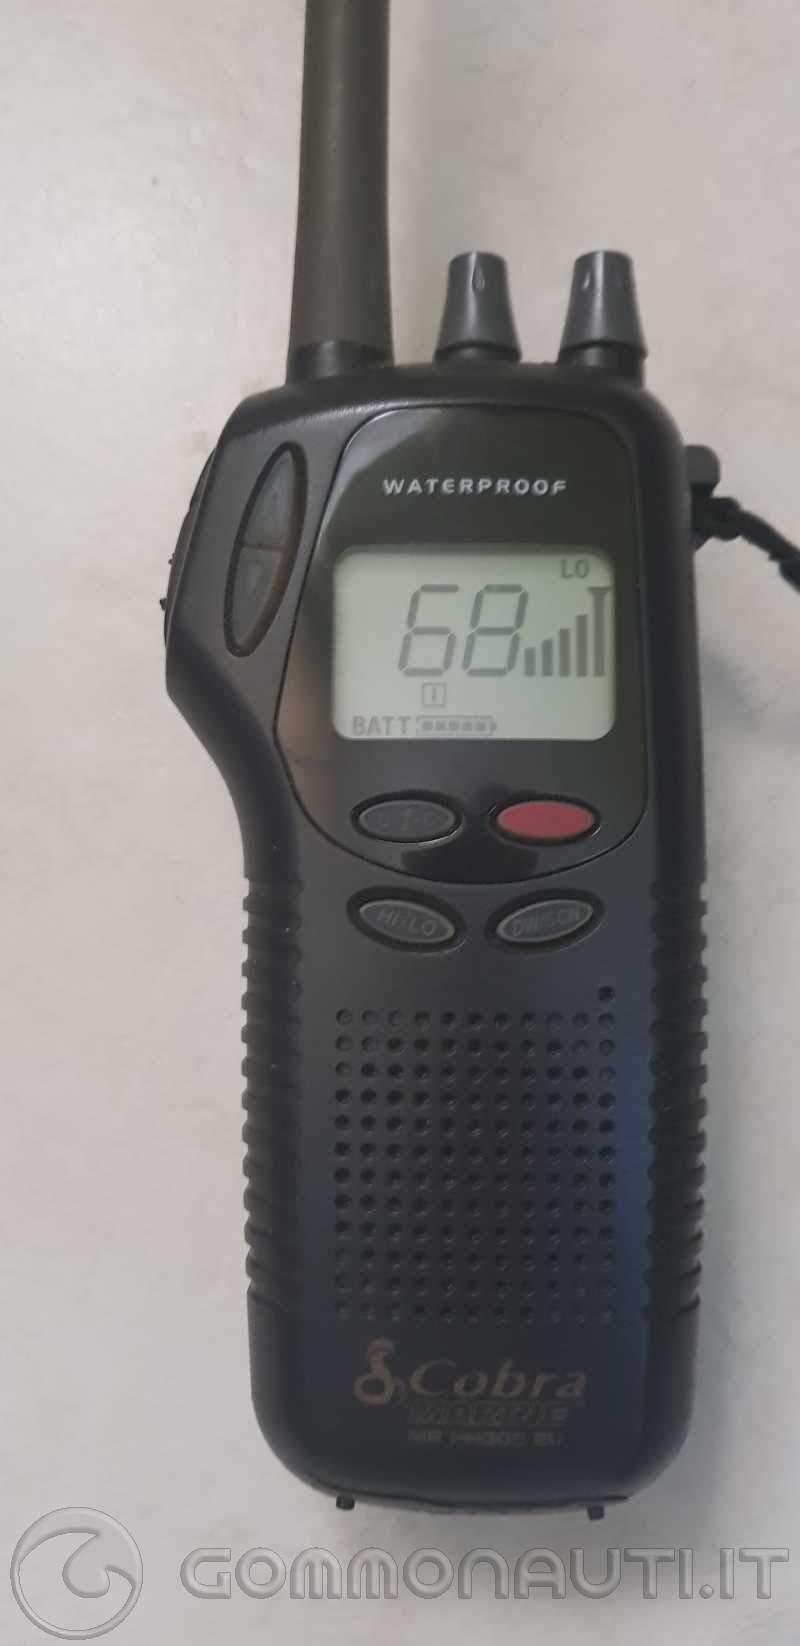 re: Vhf portatile Cobra Marine mr hh300eu